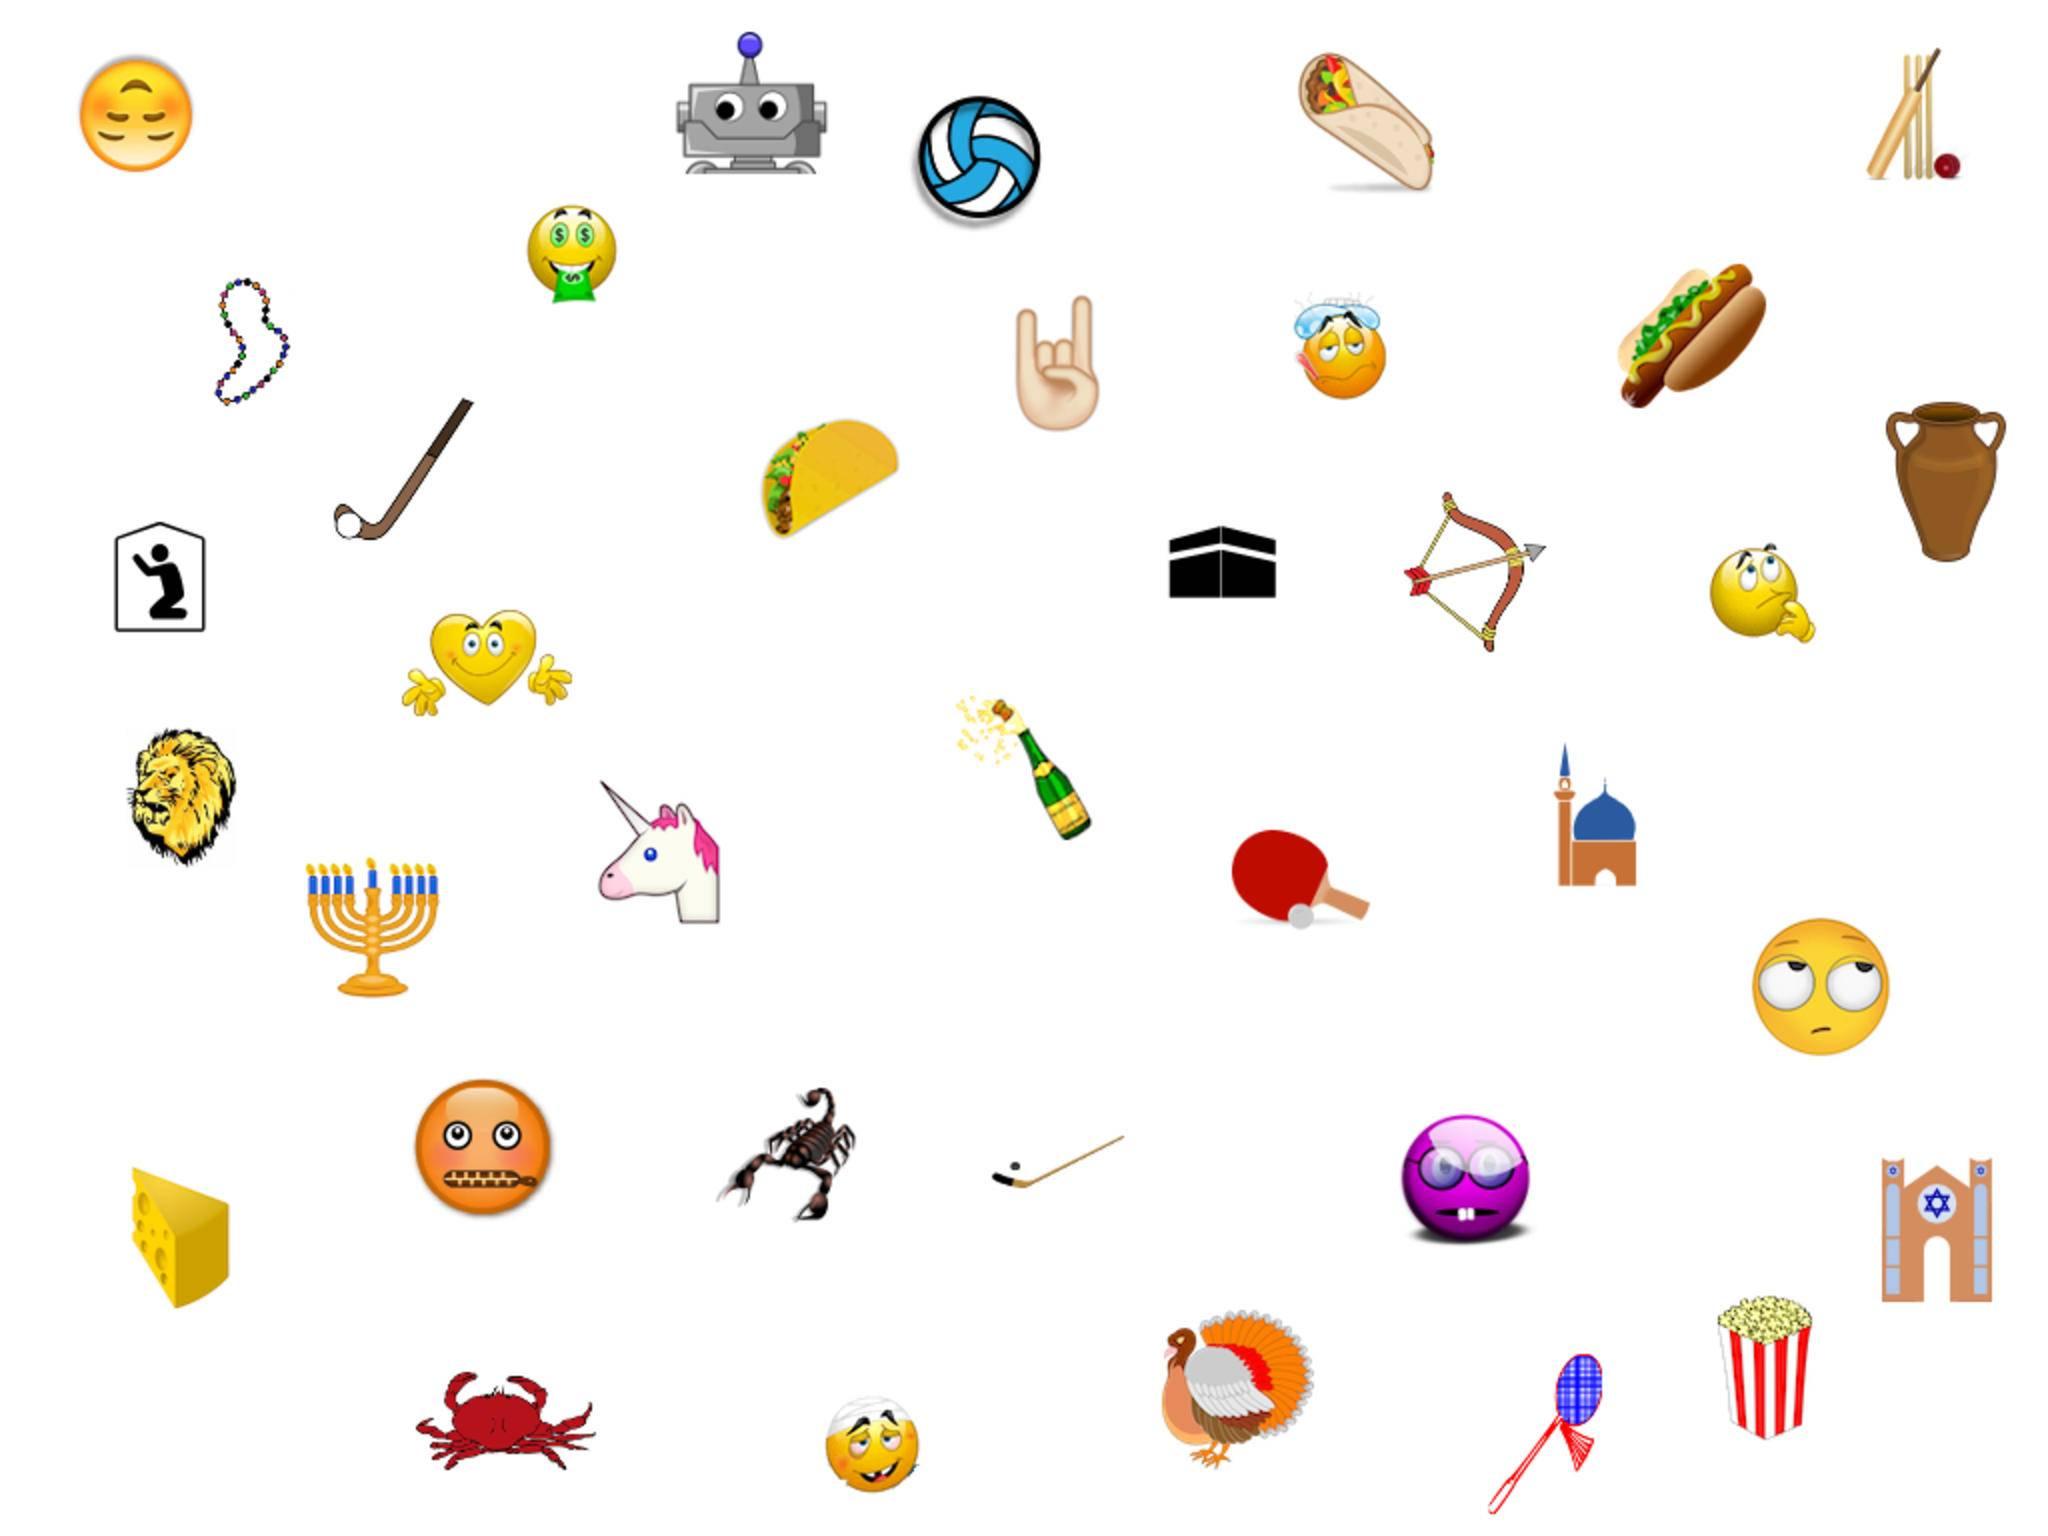 Android bekommt mit einem neuen Update noch mehr Emojis.